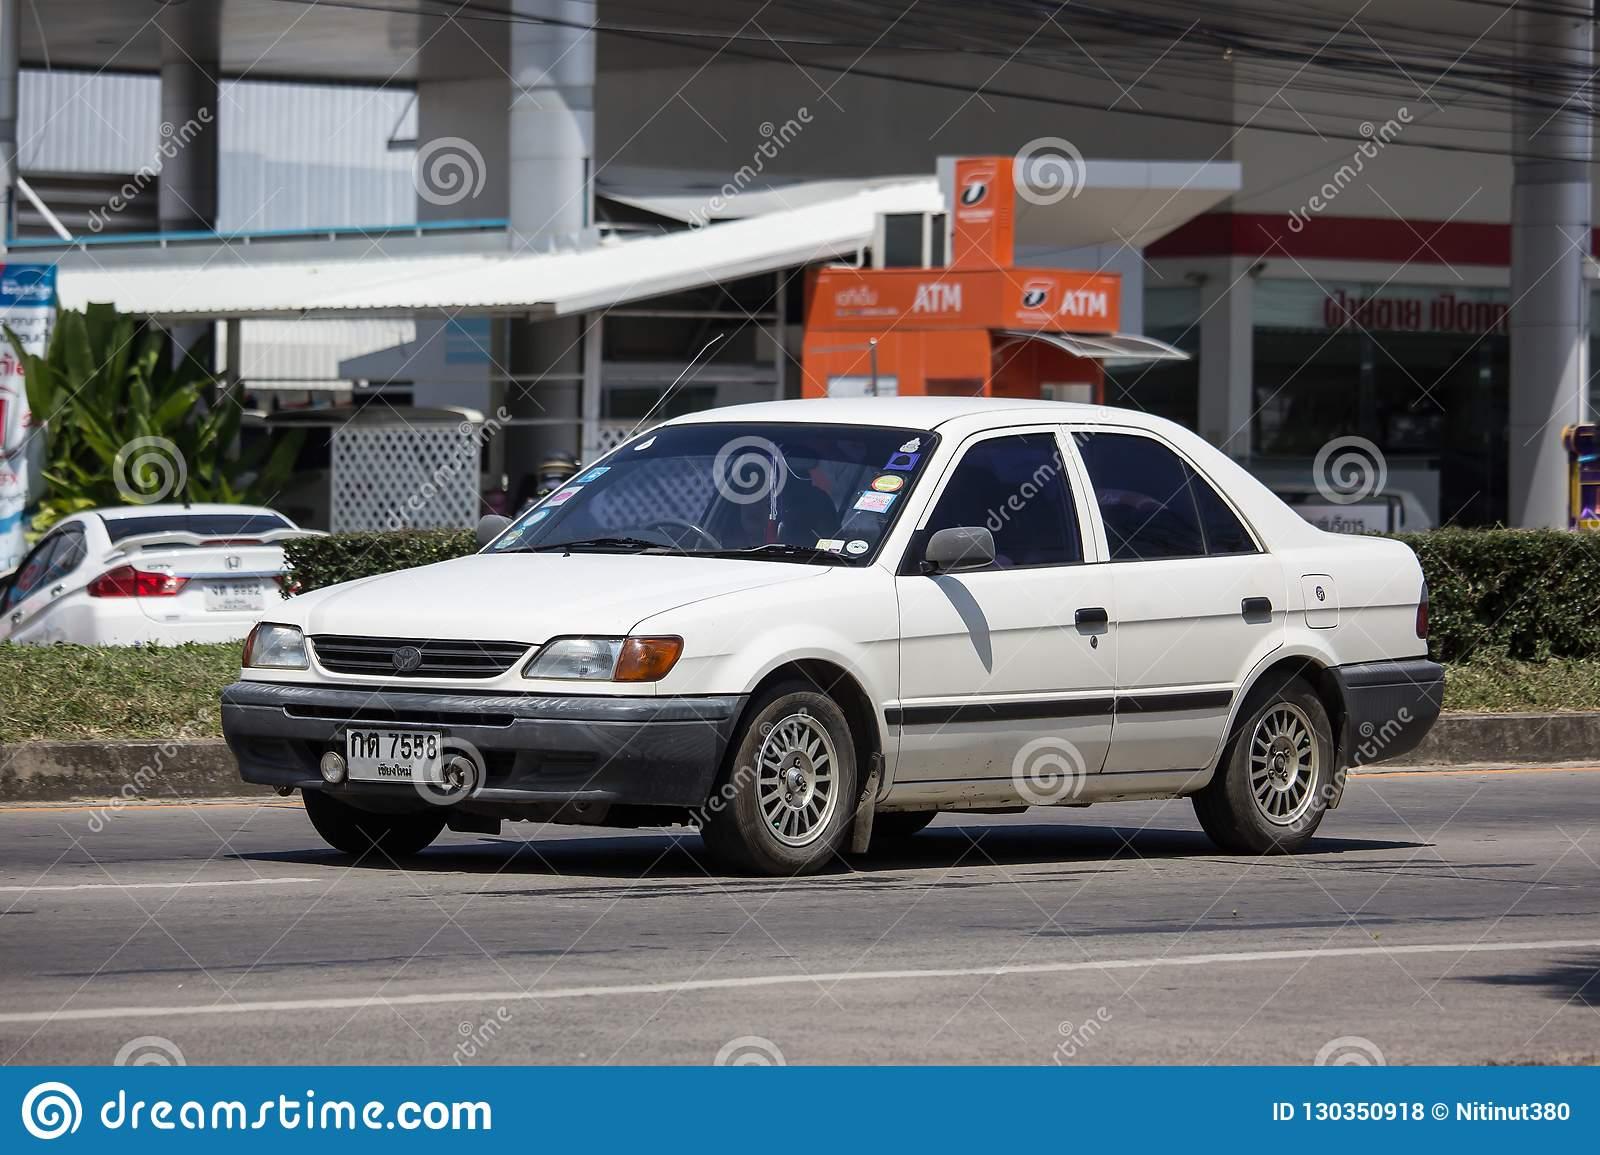 Kelebihan Toyota Soluna 2002 Murah Berkualitas